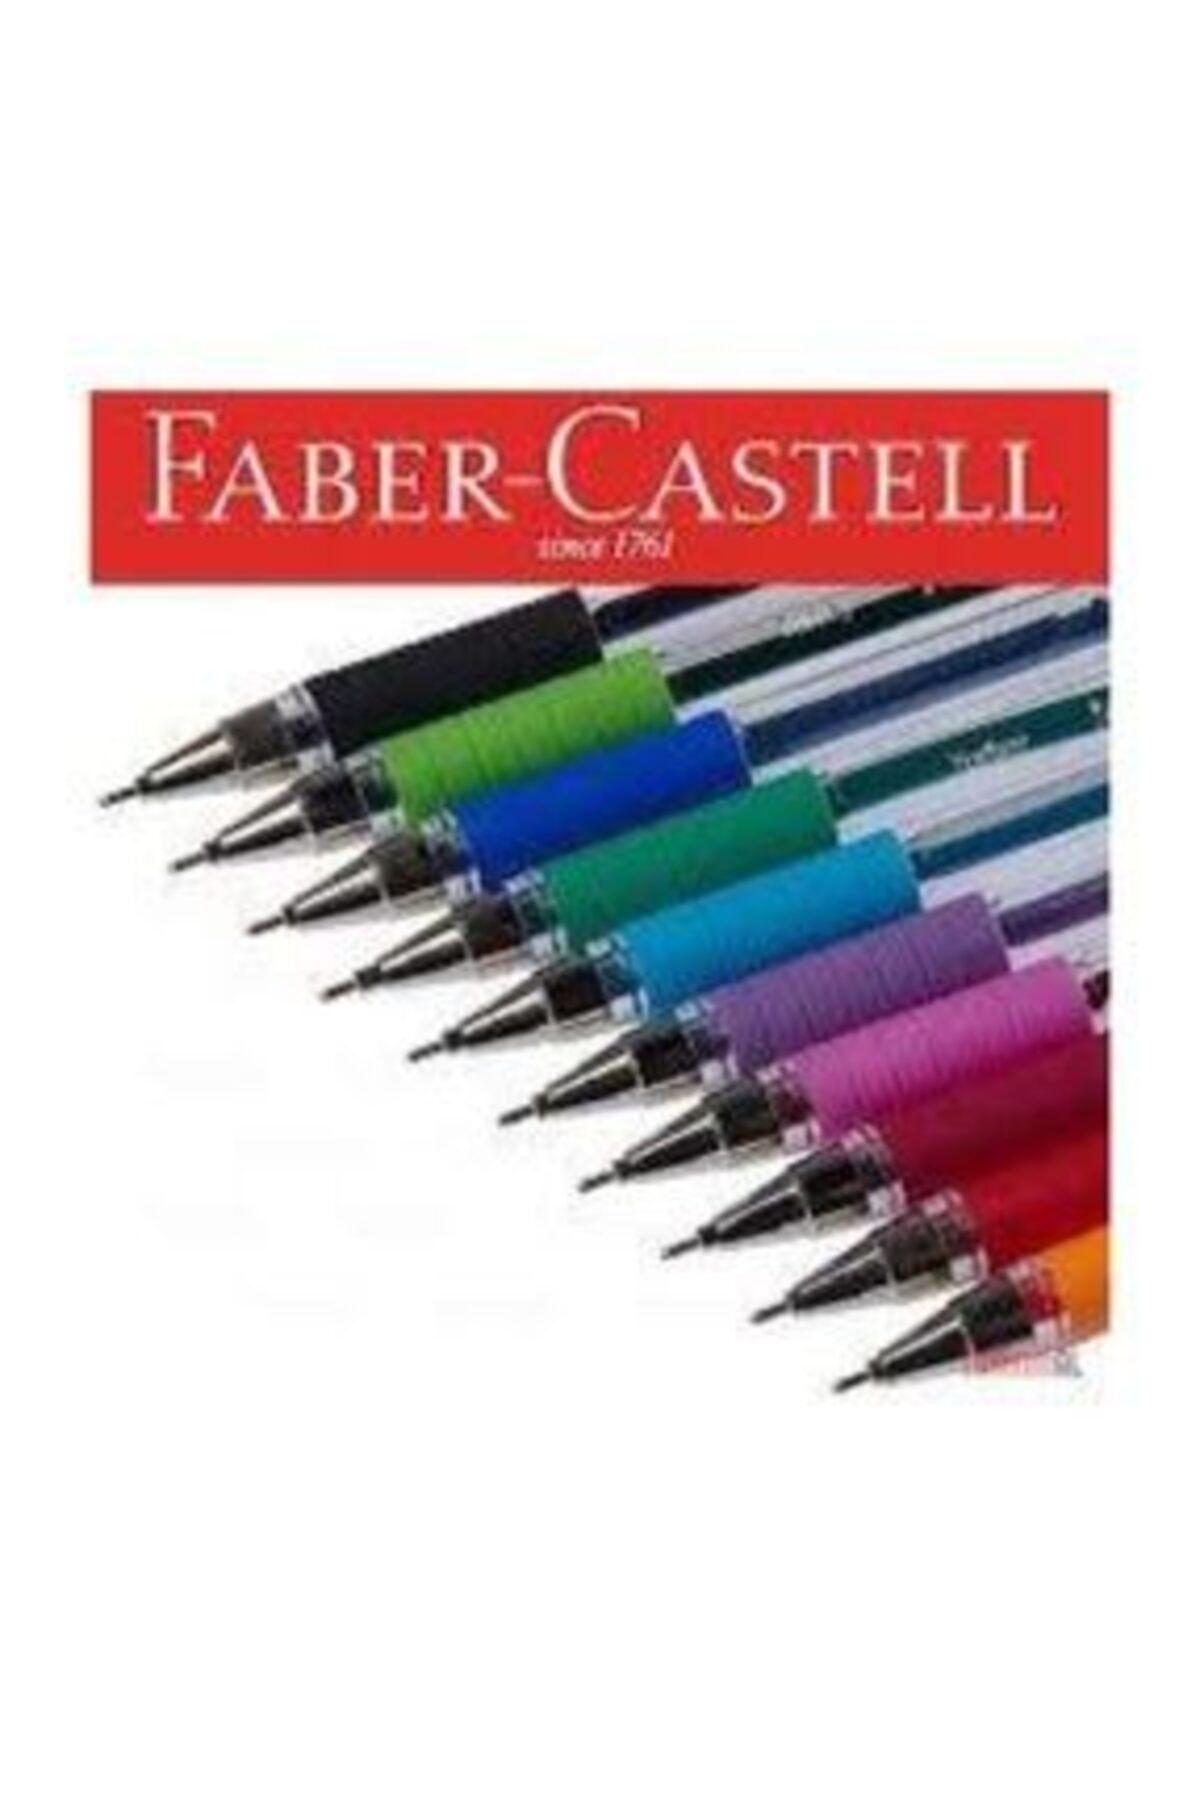 Faber Castell 10 Lu 1425 Tükenmez Kalem Ve Adel 4 Lü Fosforlu Kalem 2